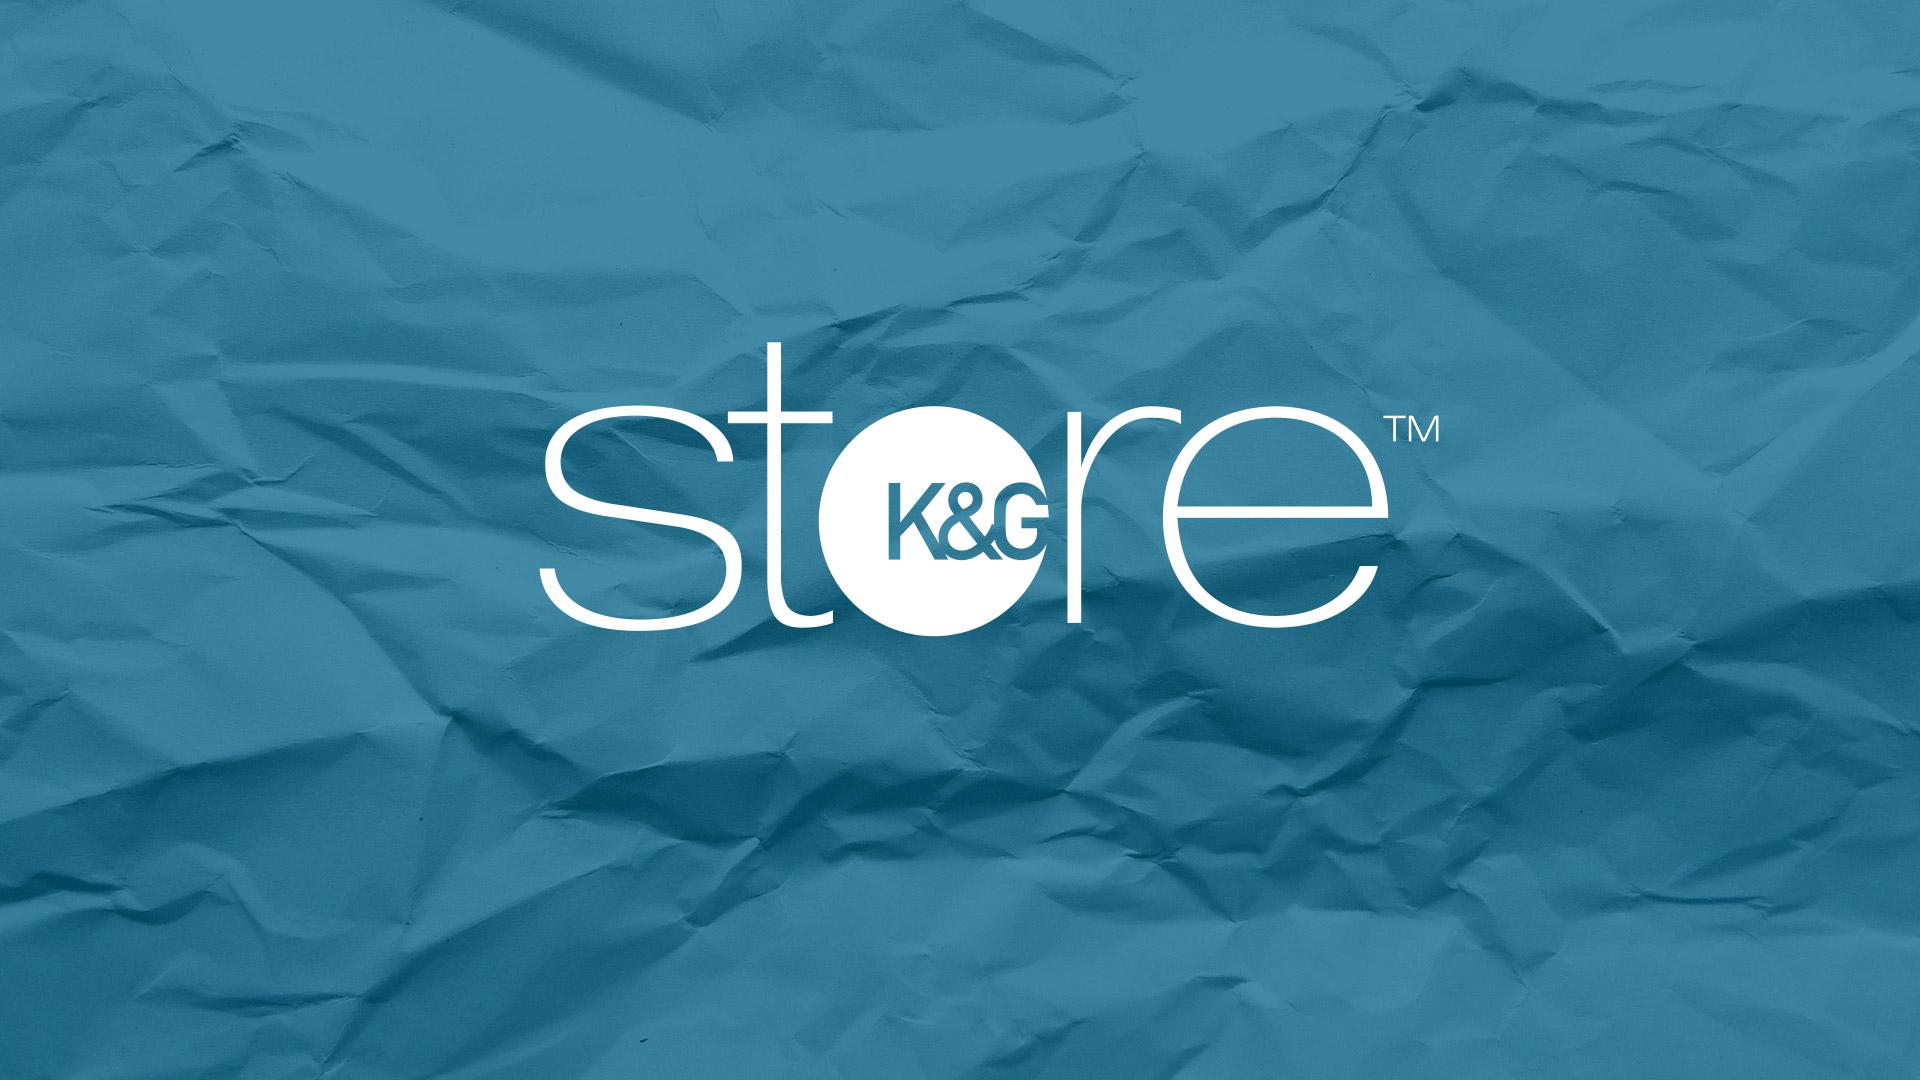 Асгард Брендинг, фирменный стиль, айдентика, лого, K&G, Kutush & Gonzaga, дизайн, графический дизайн, дизайн упаковки, упаковка, брендинг магазина, лого онлайн магазина, ритейл, интернет-магазин, брендинг, корпоративный стиль